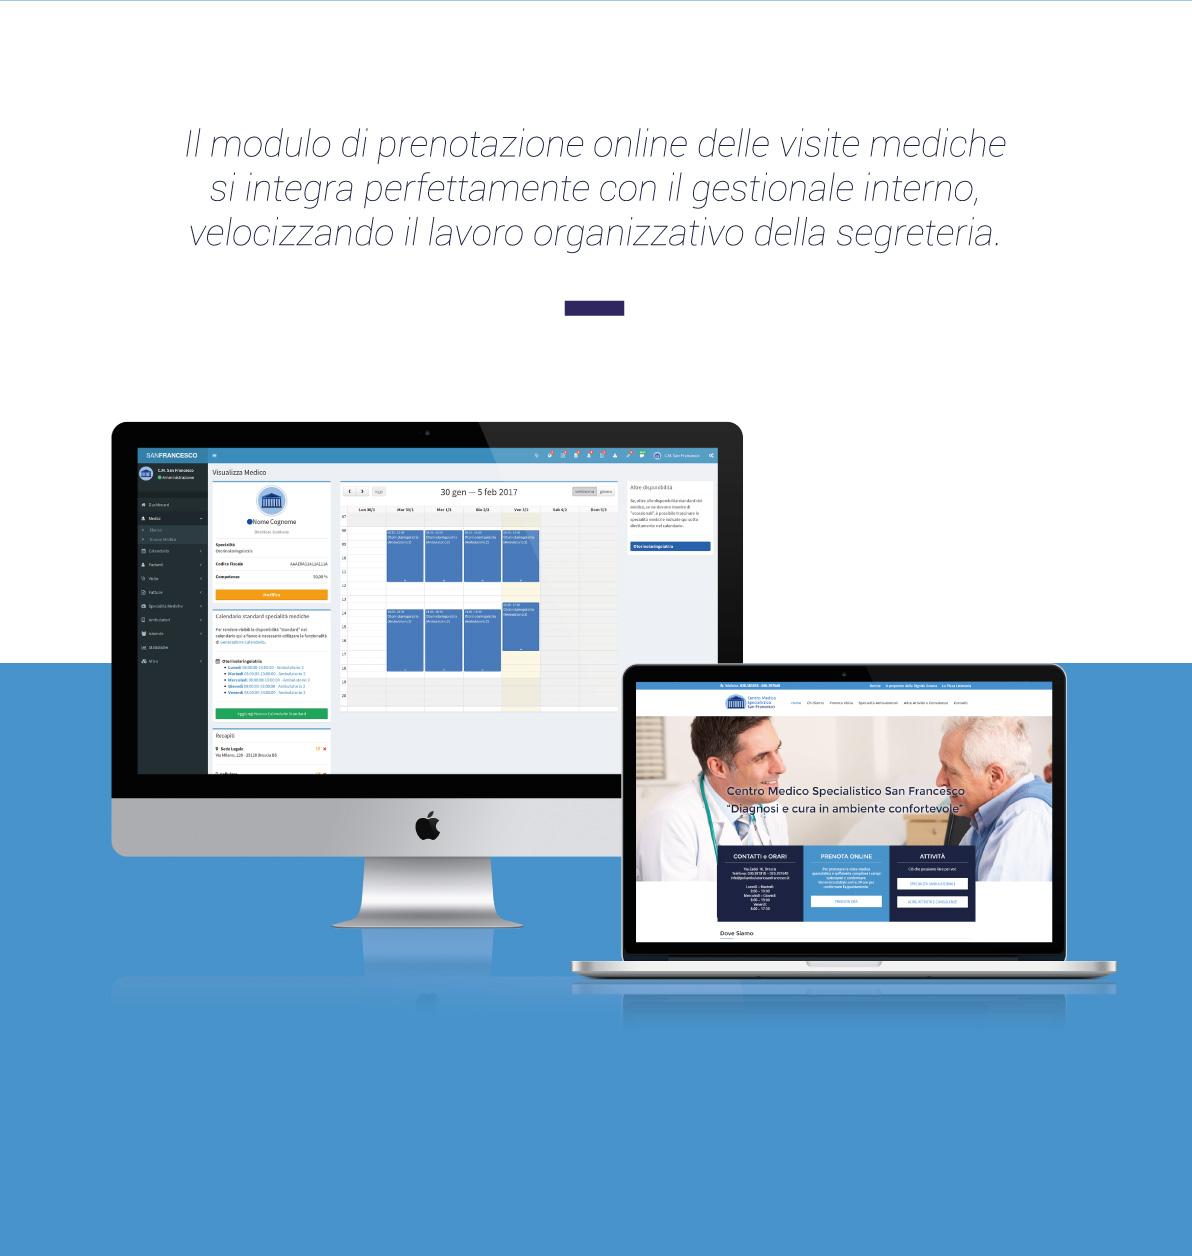 Il poliambulatorio che connette medico e paziente voxart for Sito web di progettazione edilizia